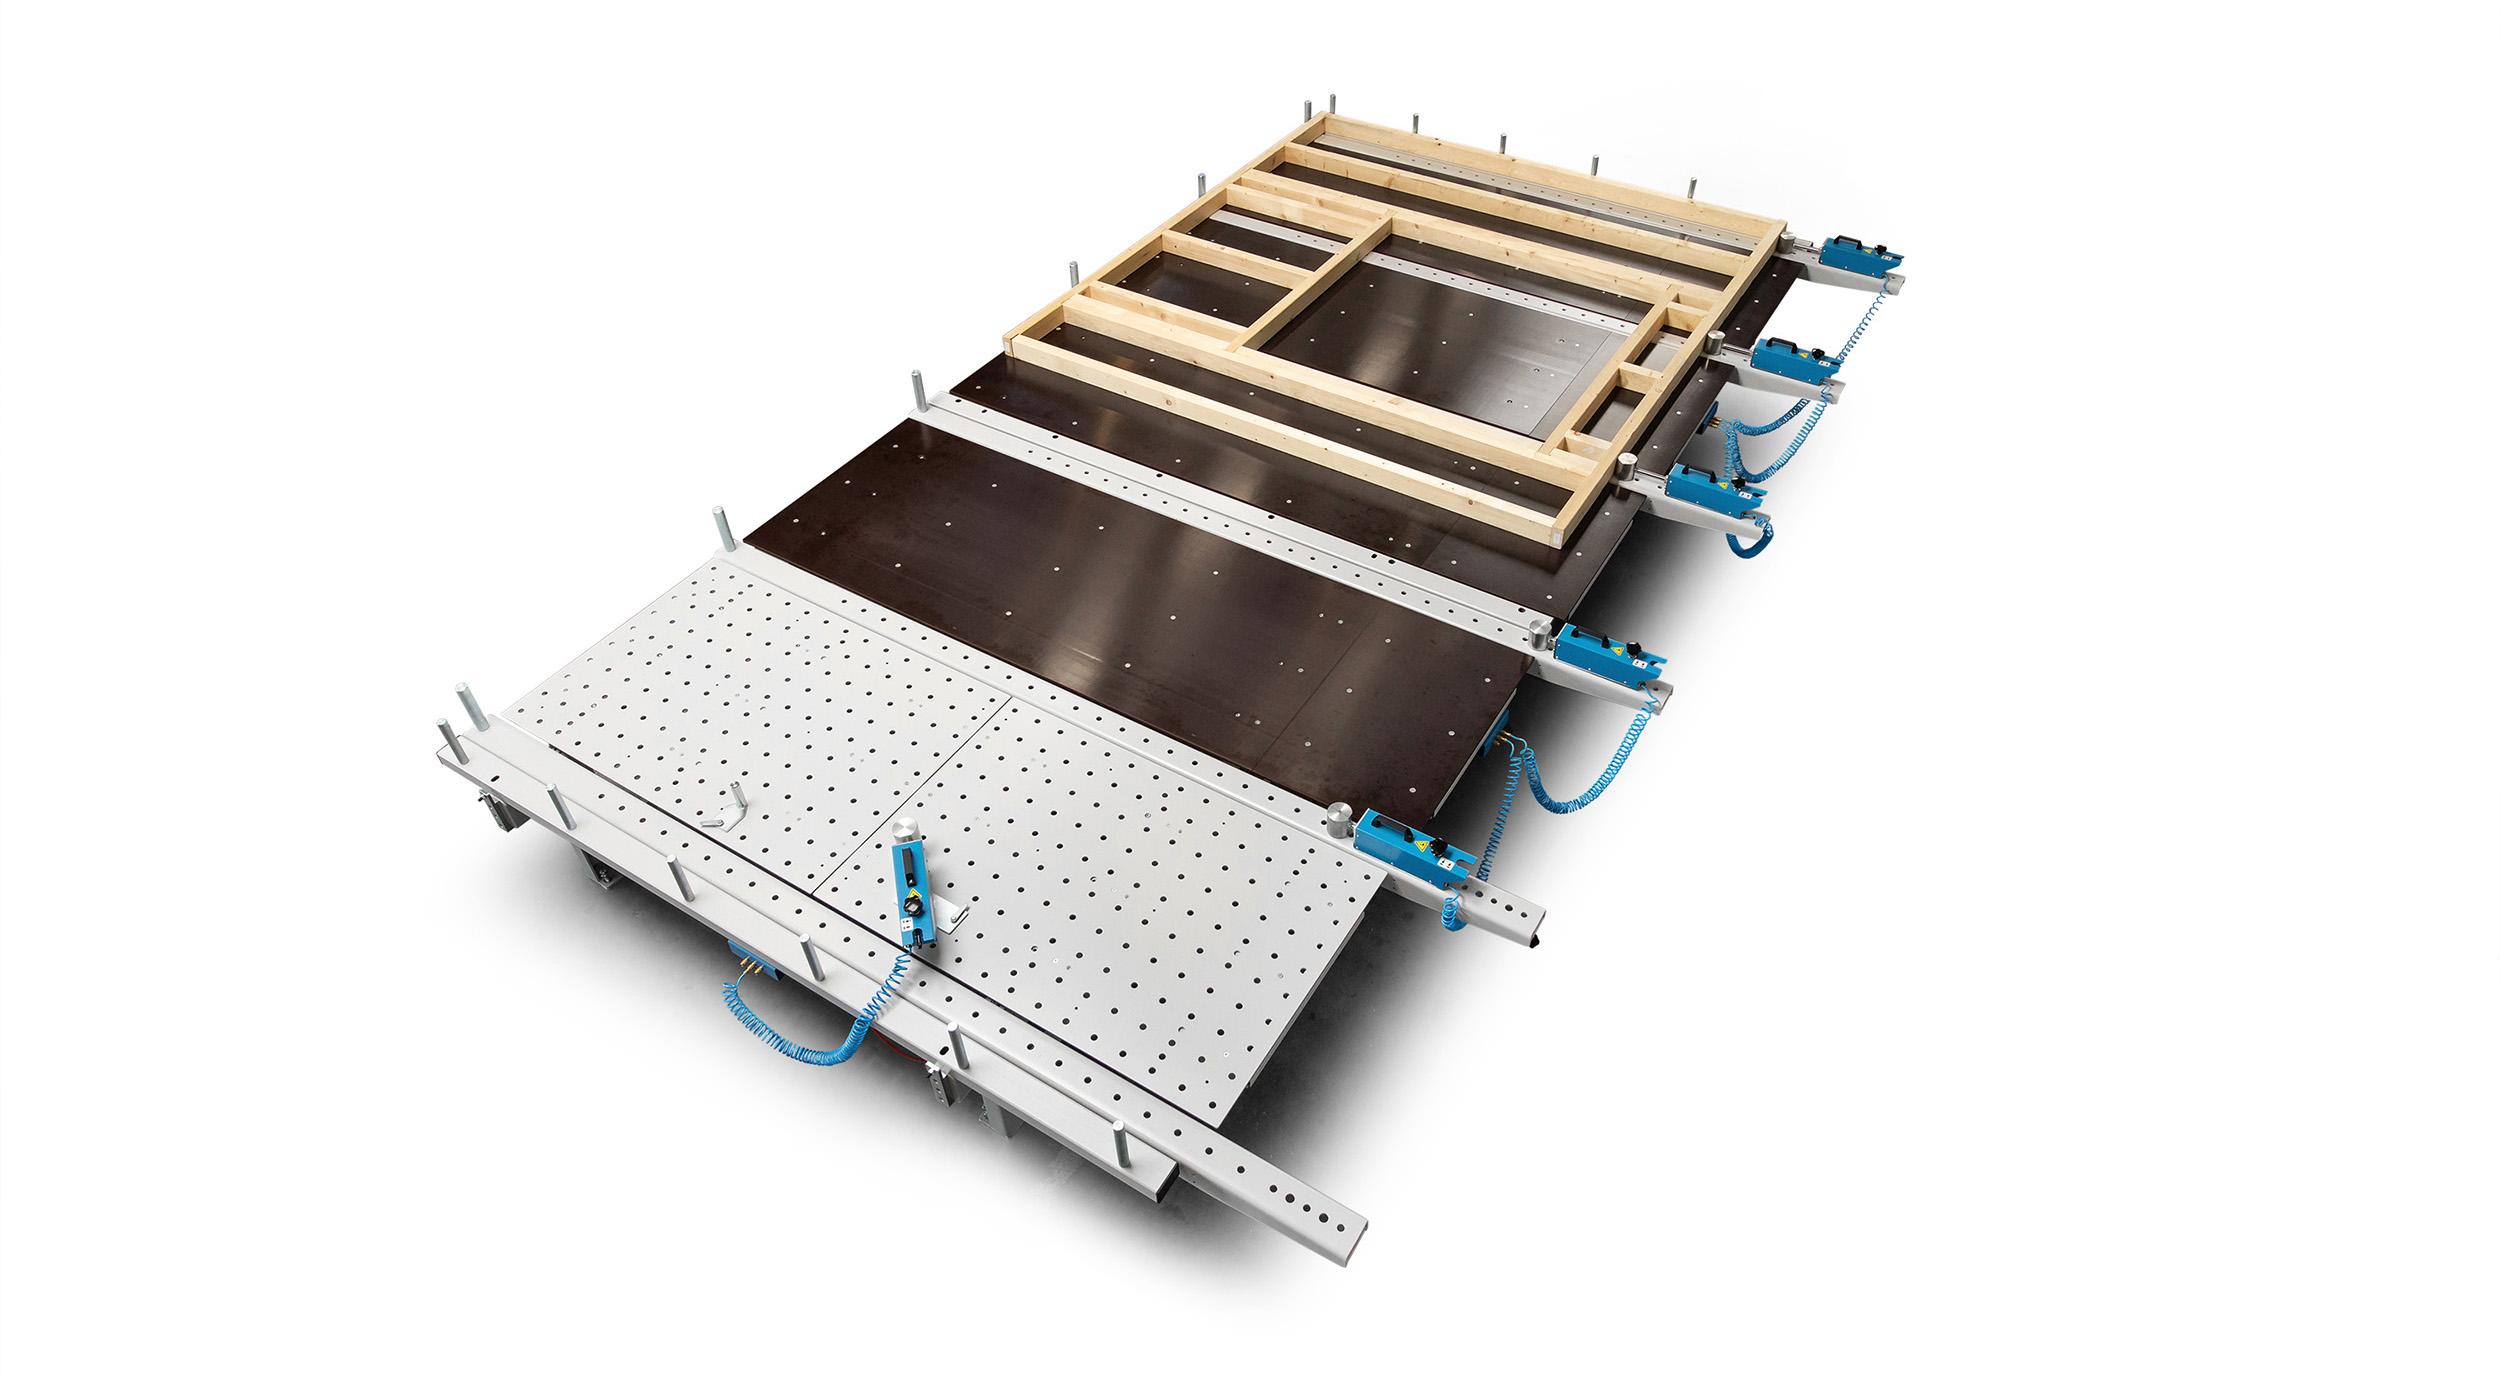 FRAMER Modular Assembly Table for Prefab Panels